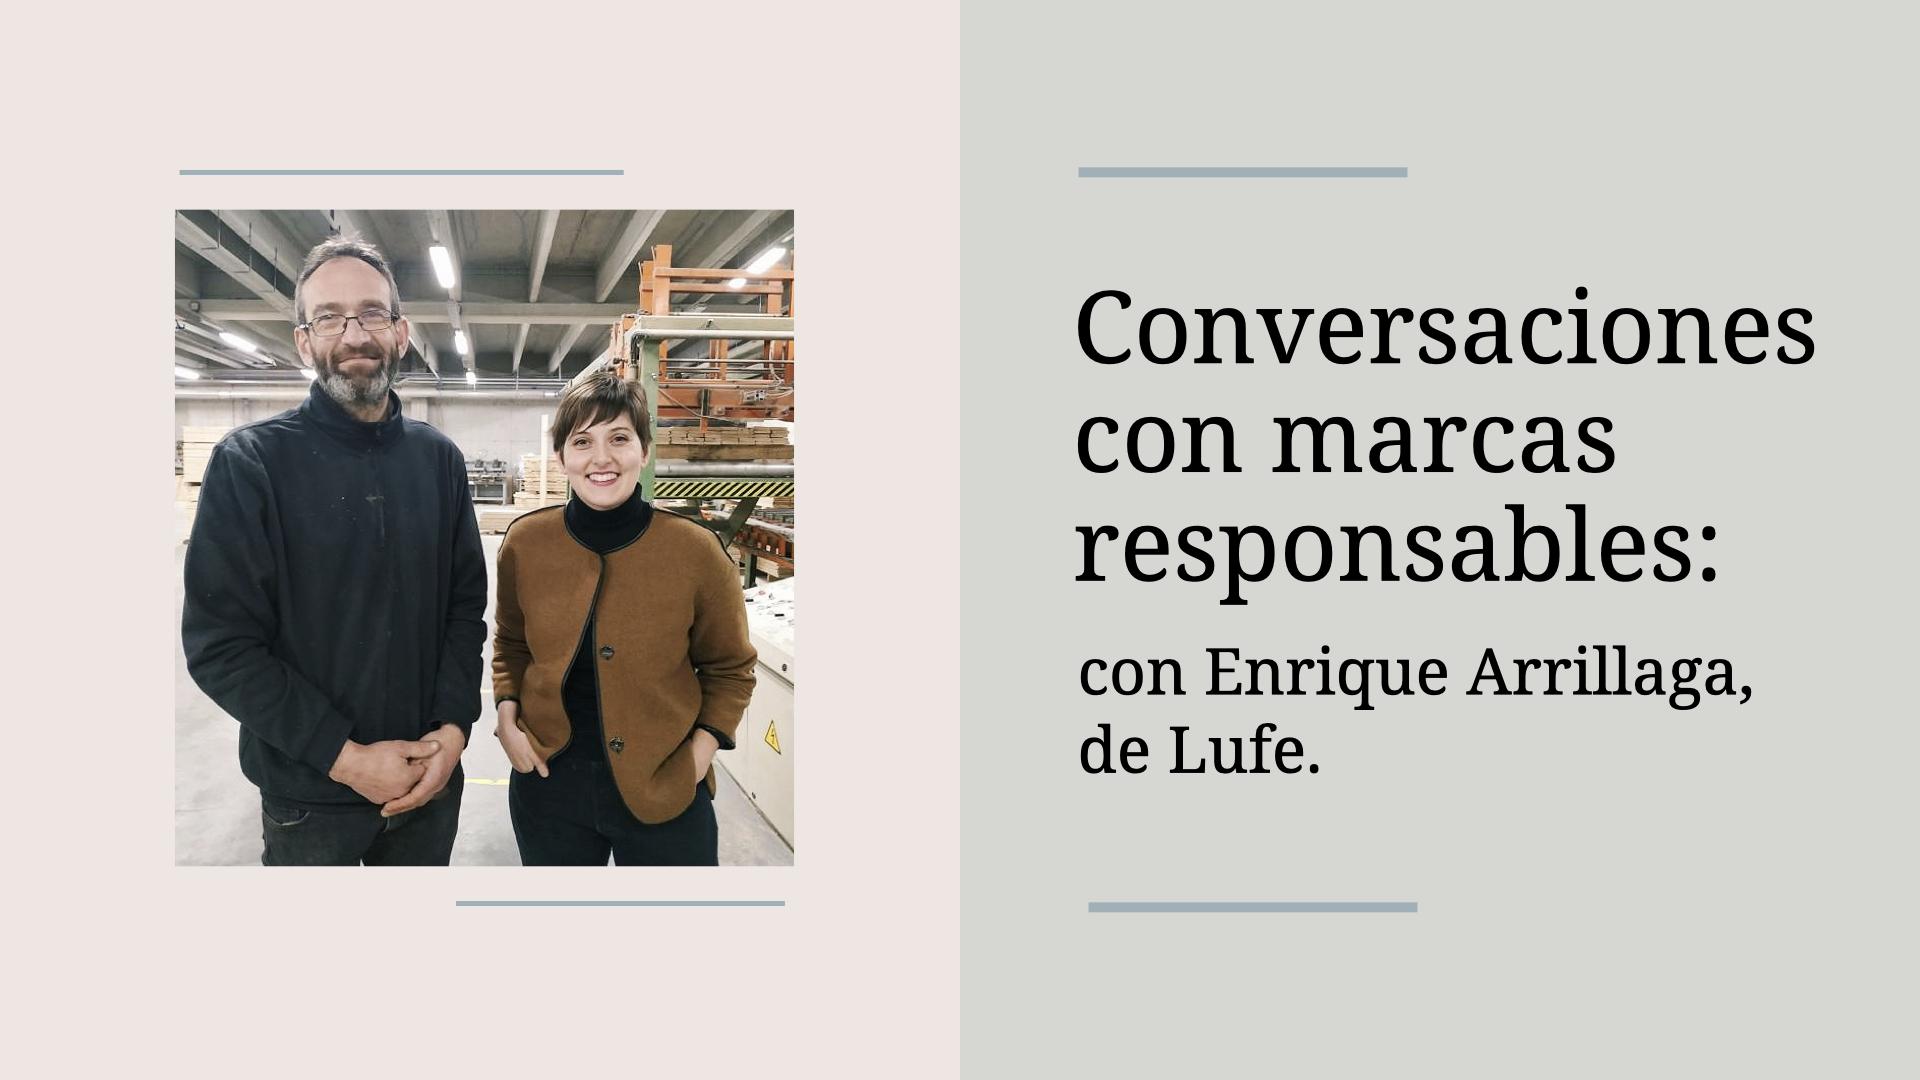 conversaciones-con-marcas-responsables-lufe-alba-sueiro-roman-blog